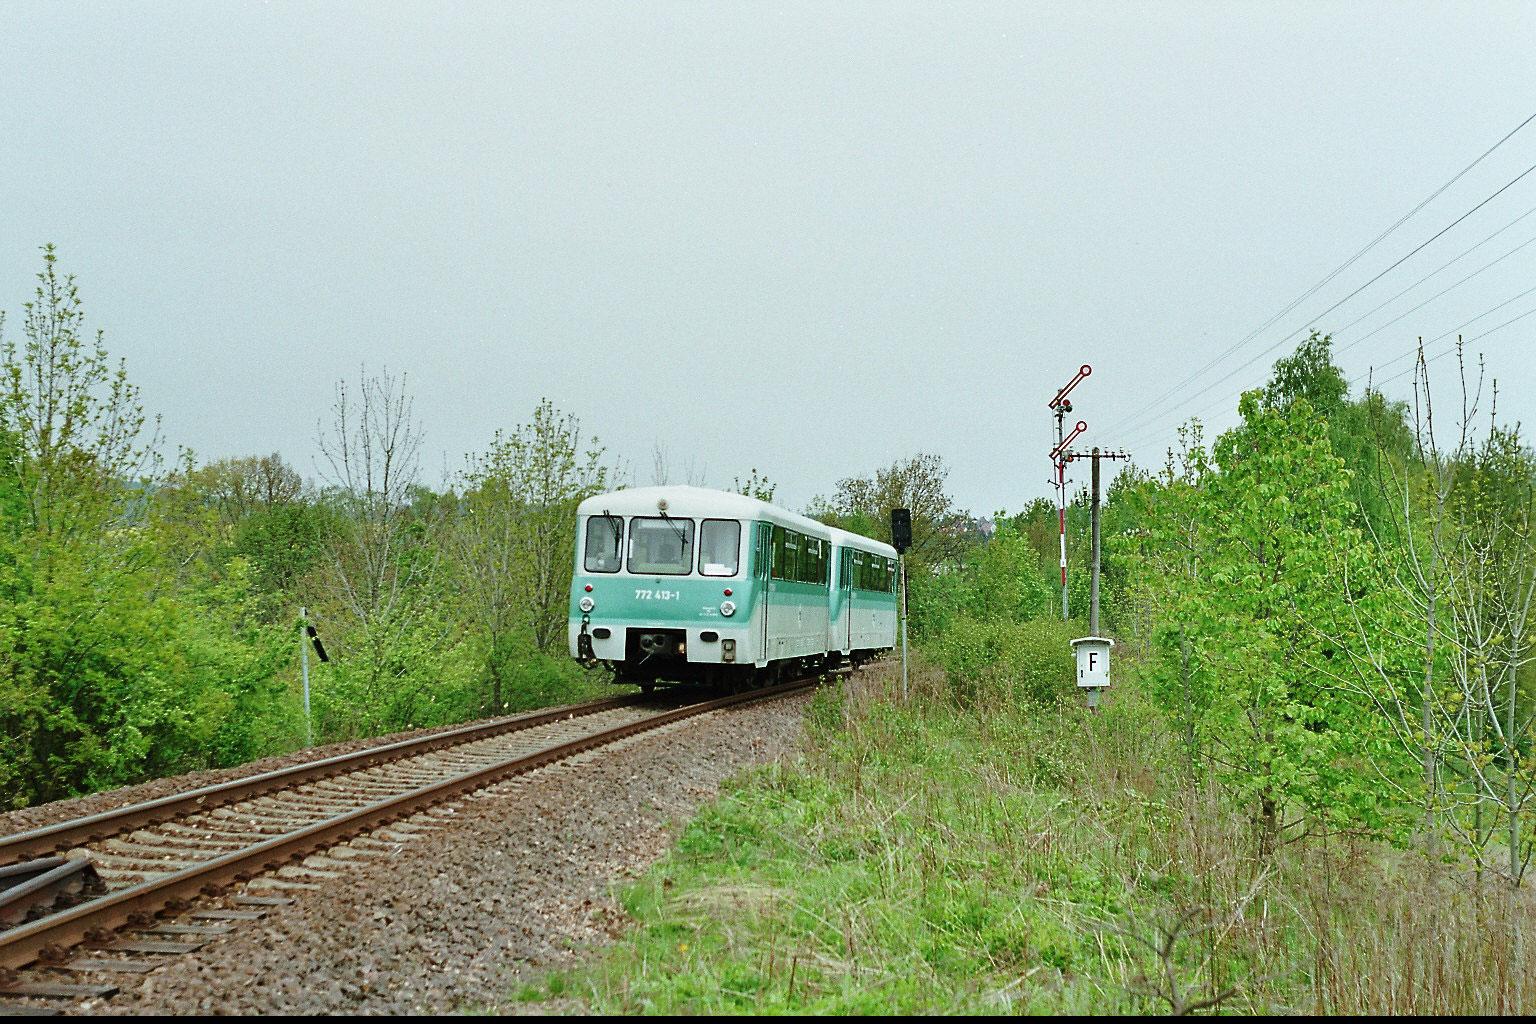 Ein letztes Mal wird das Neustädter Einfahrtssignal passiert, das war es dann mit dem Zugverkehr zwischen Neustadt und Bautzen. Seit 15 Jahren ist hier kein Zug mehr gefahren... 14.05.2005, Foto: Thomas Weber